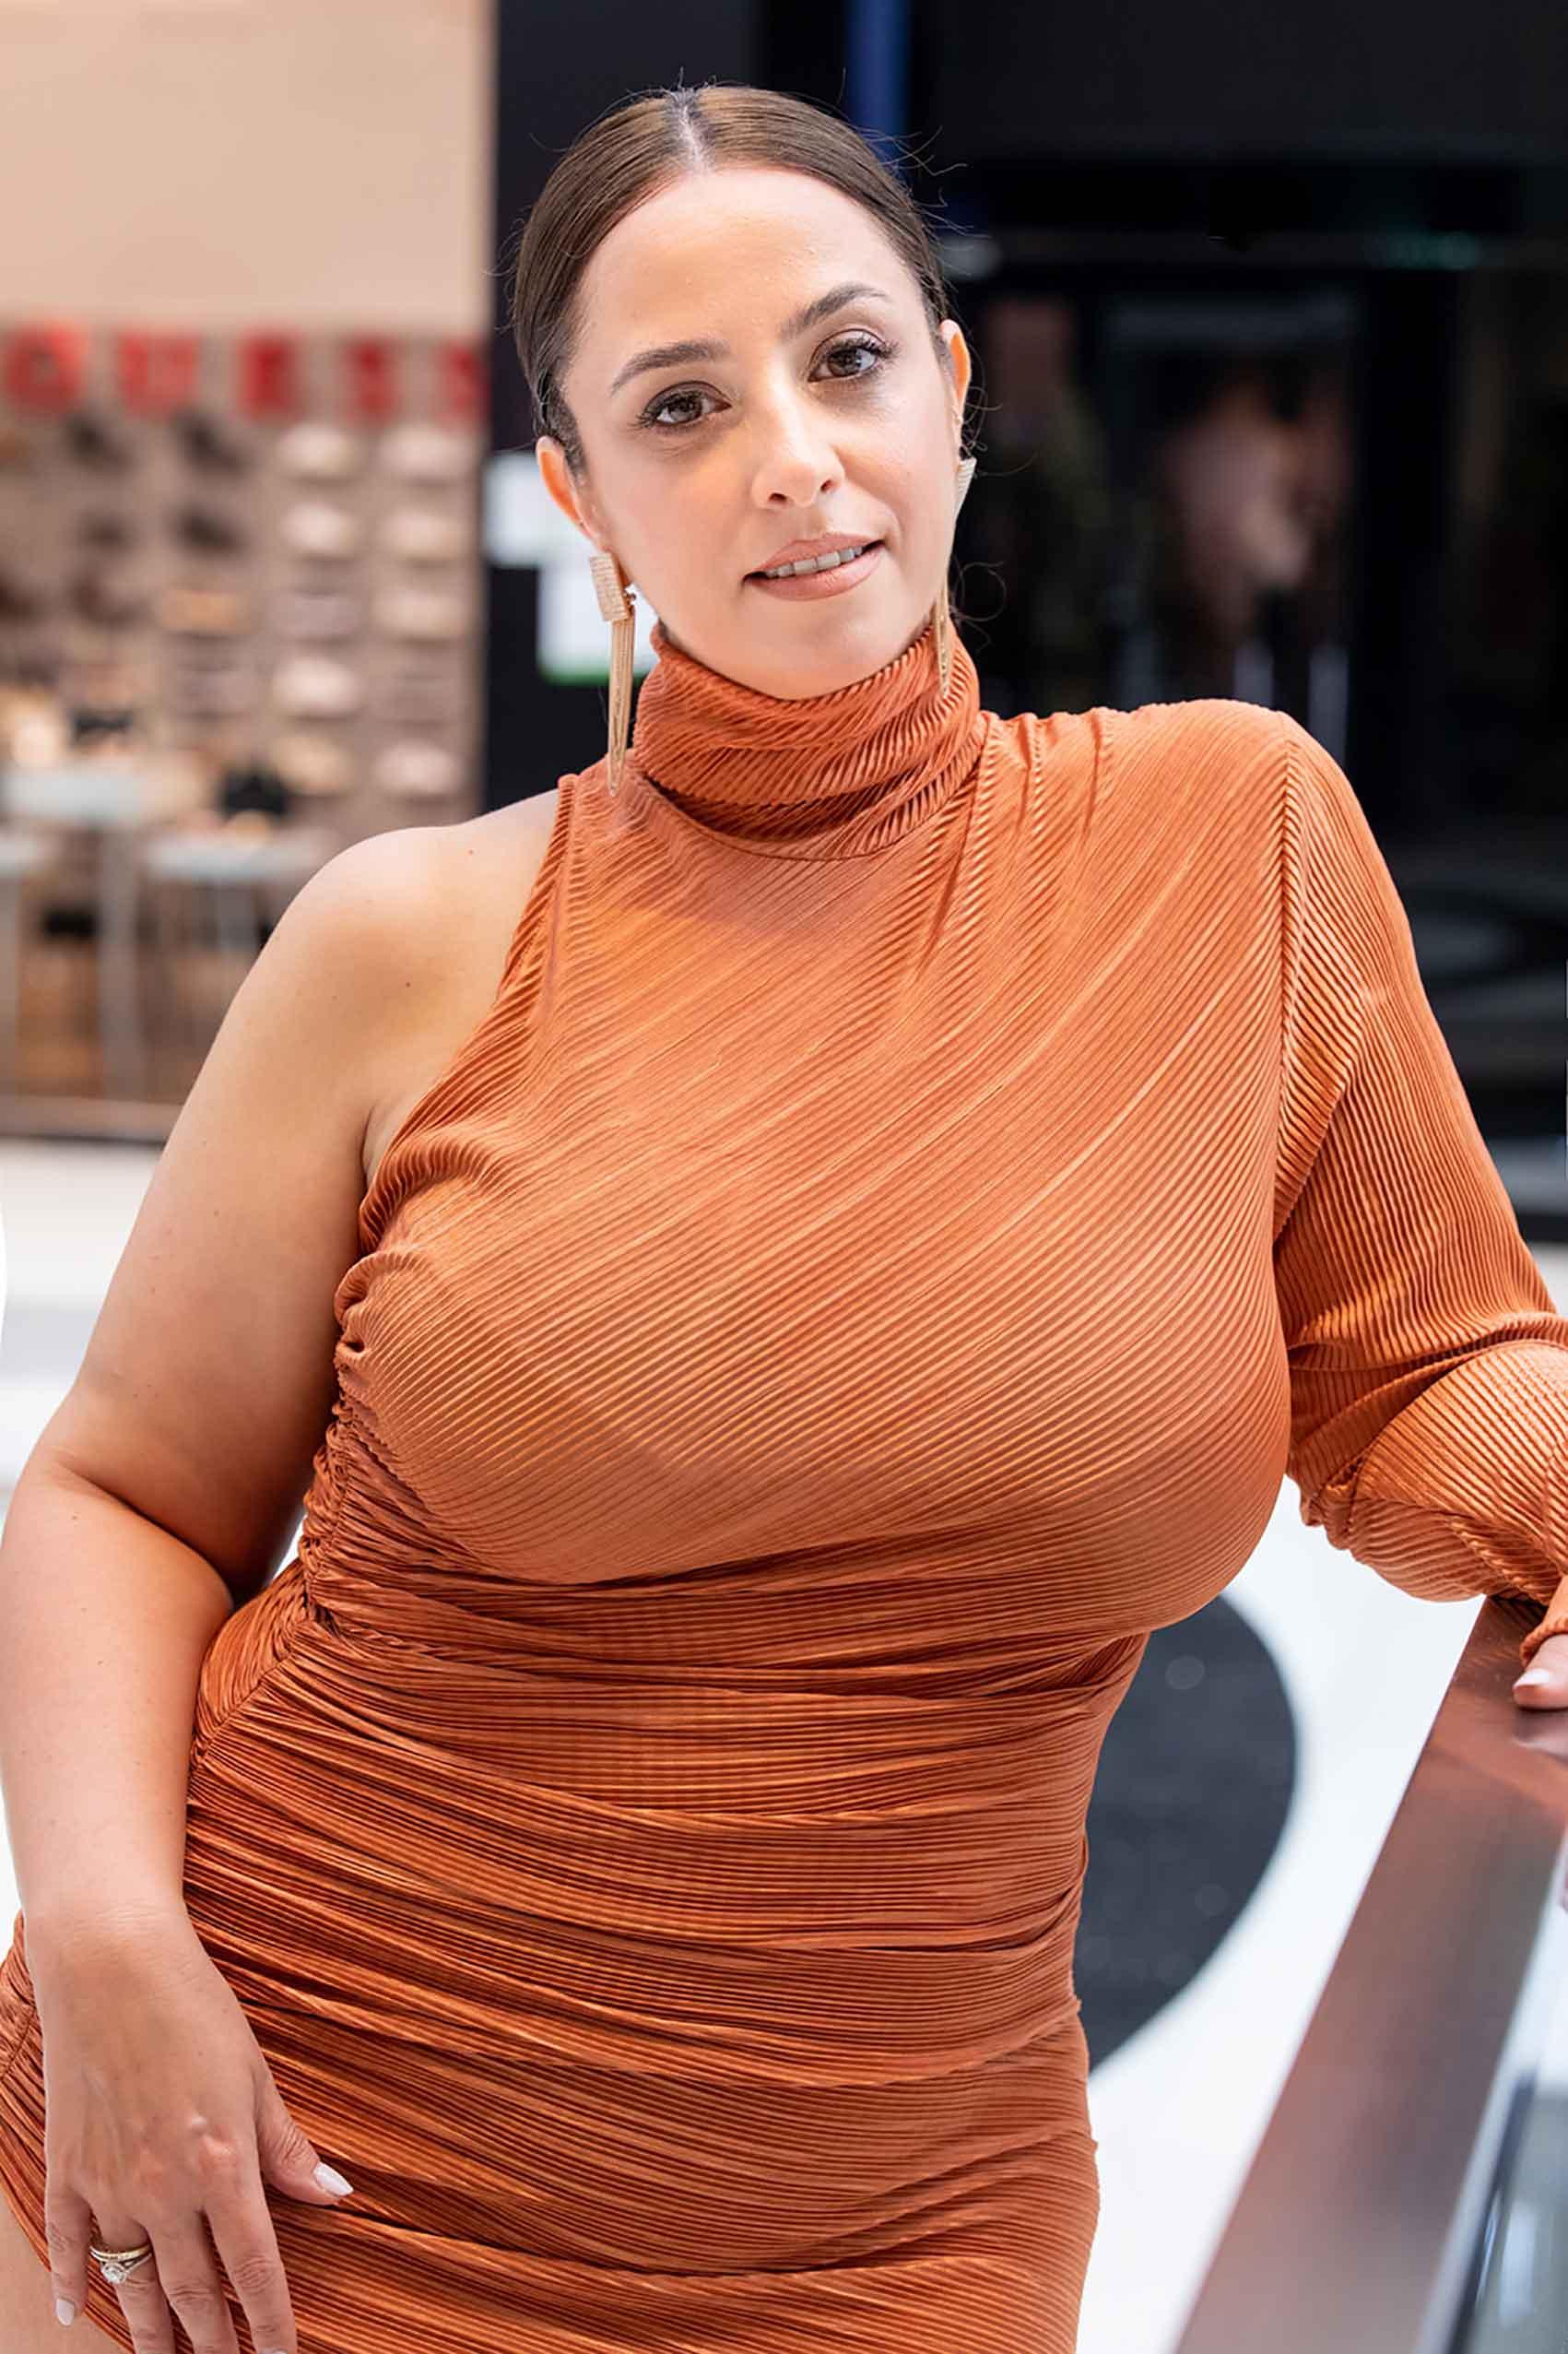 טלי ארבל לובשת אסיה, צילום: שלי פדן-לורבר-658